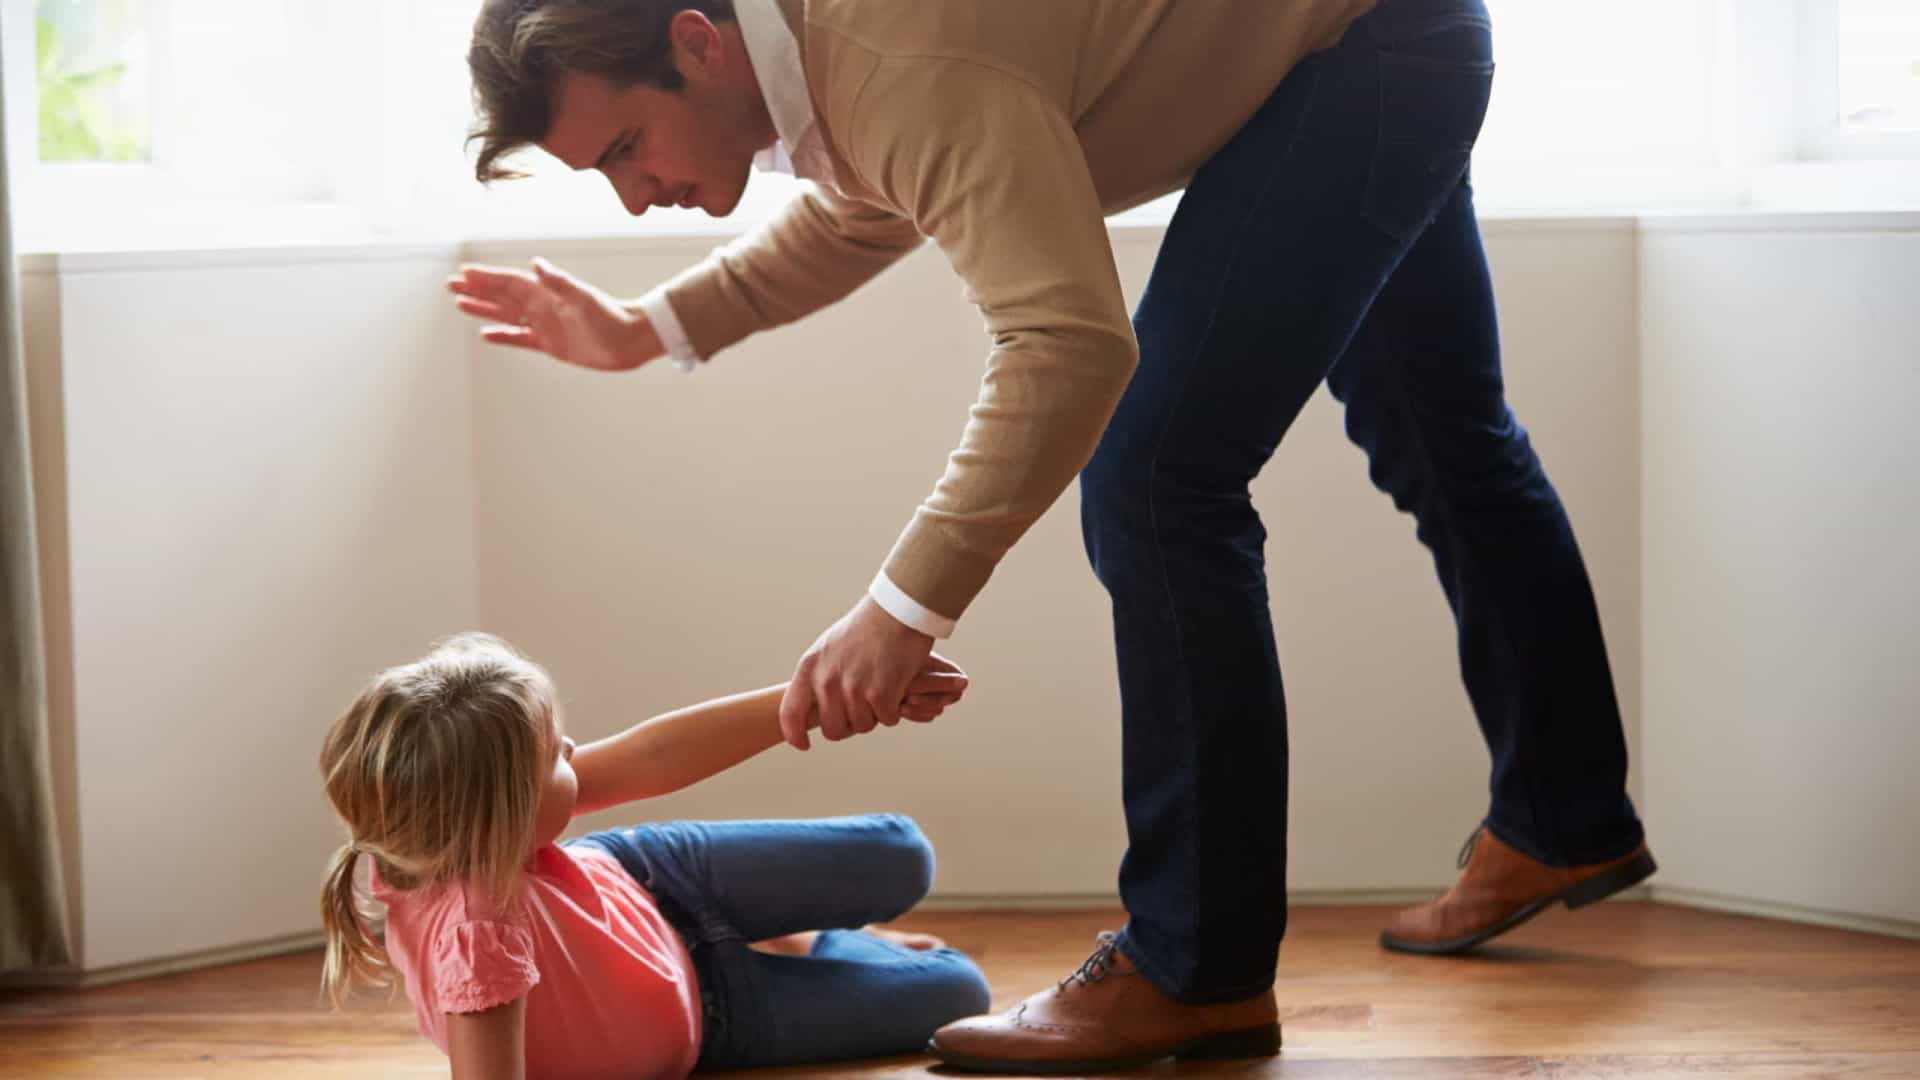 Cinco coisas que jamais deve fazer com os filhos dos outros